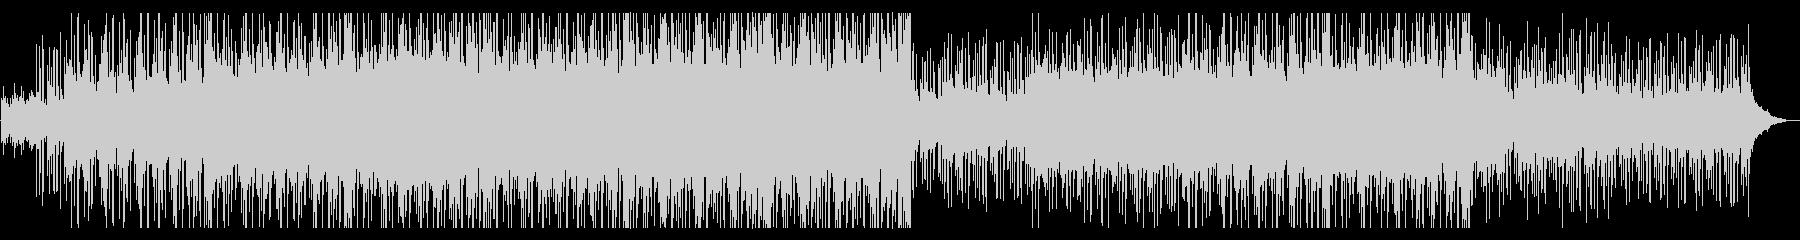 複数のピアノが折り重なる遠景を思わせる曲の未再生の波形